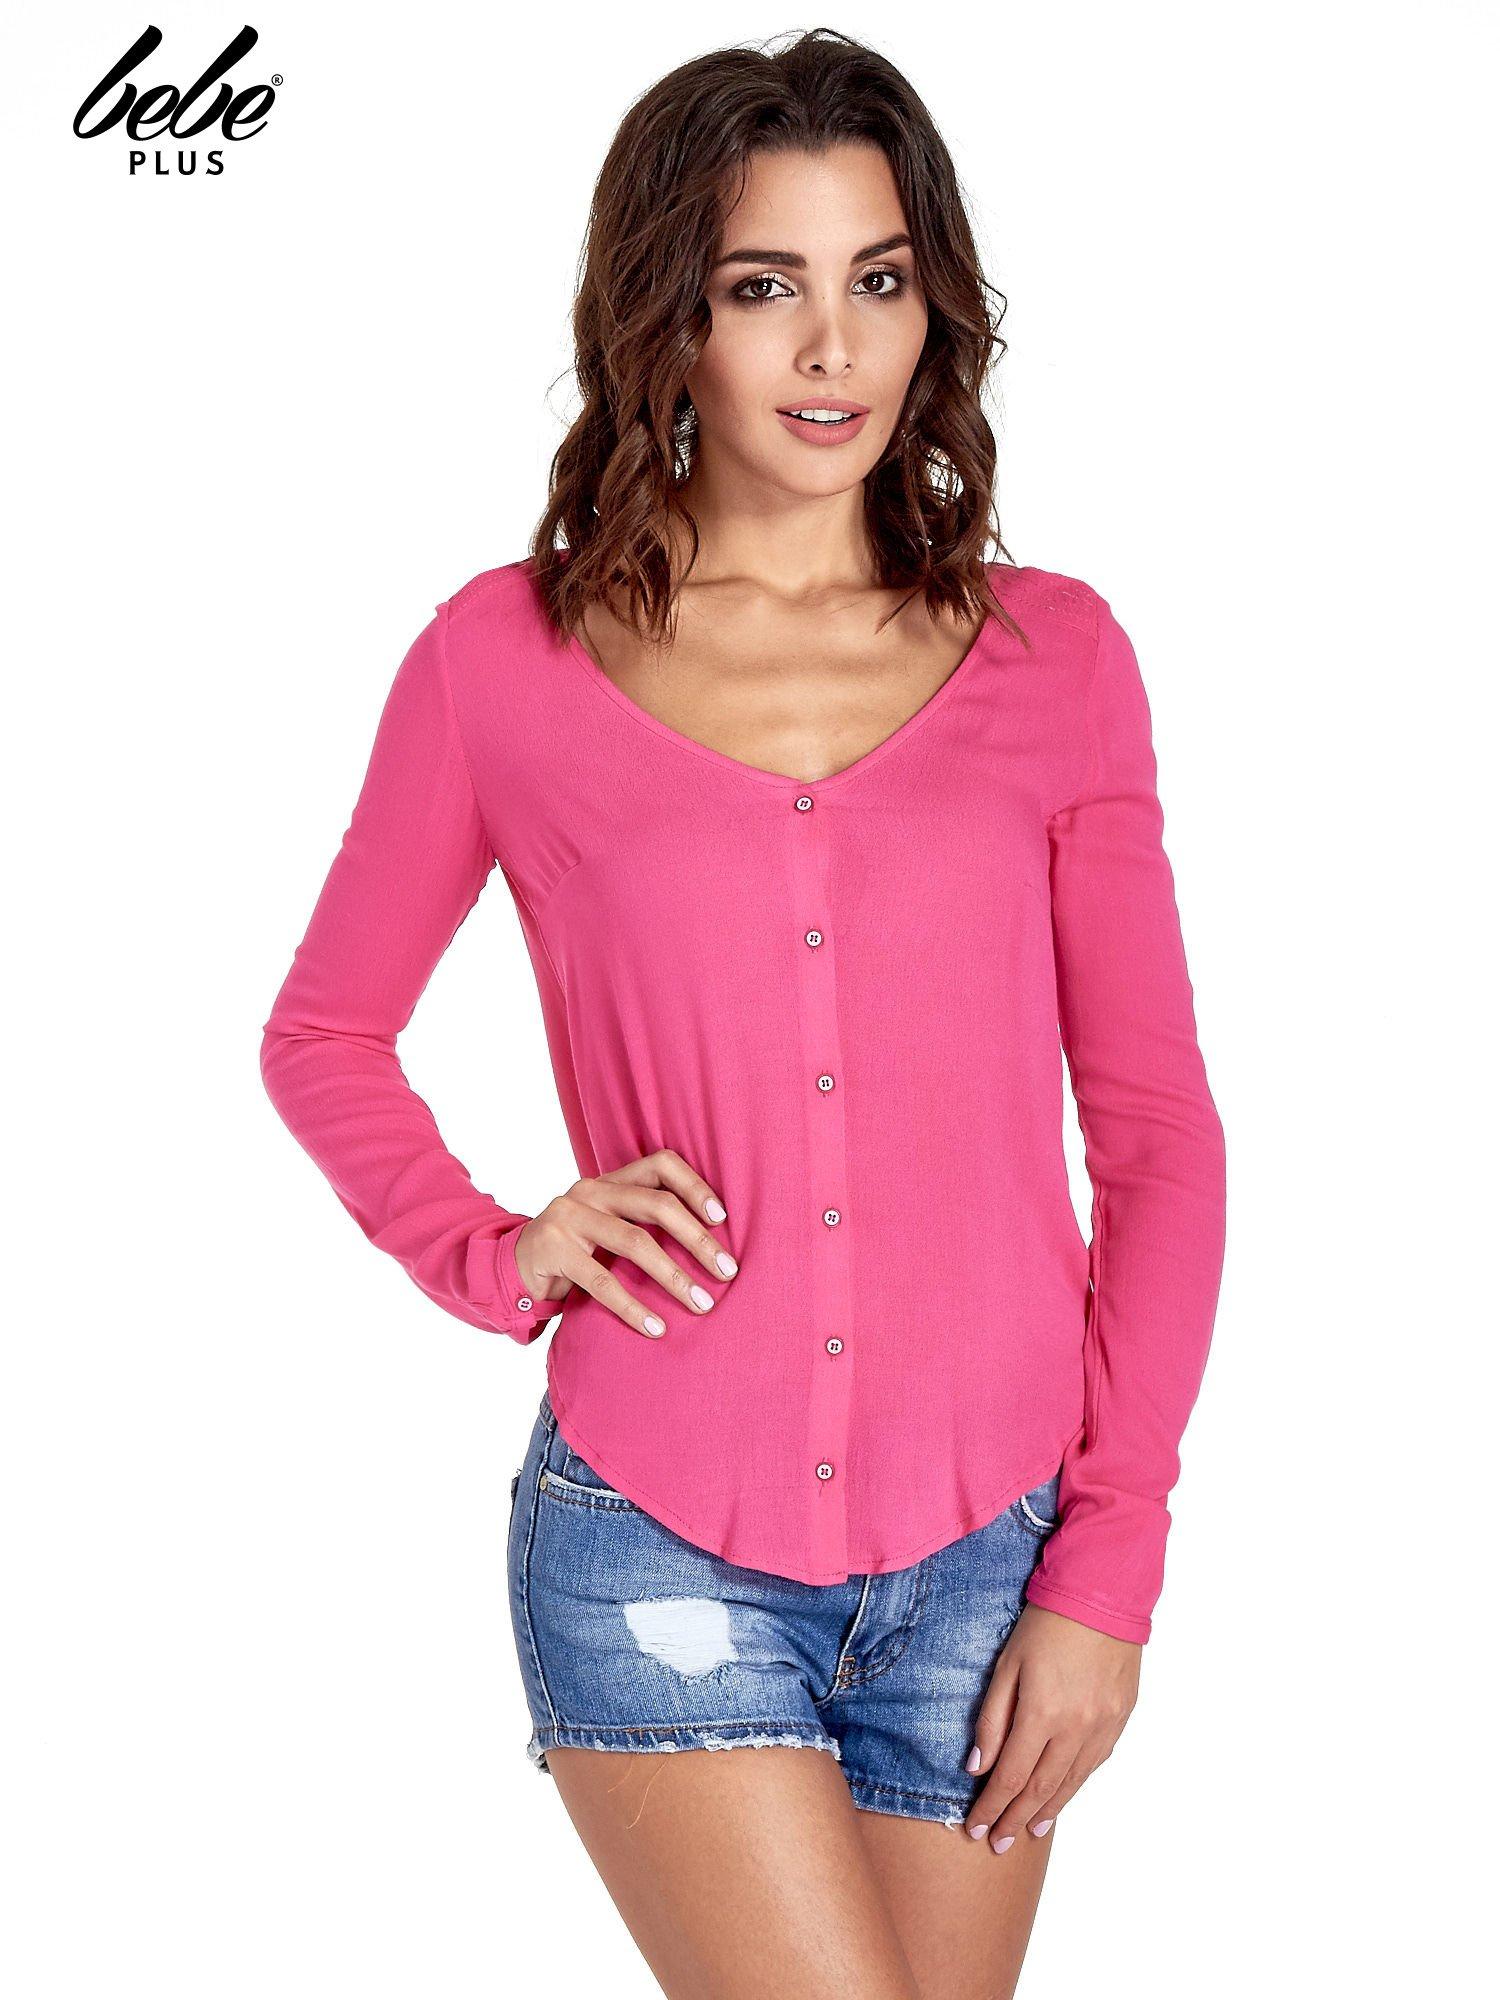 Różowa koszula z kontrafałdą z tyłu                                  zdj.                                  1